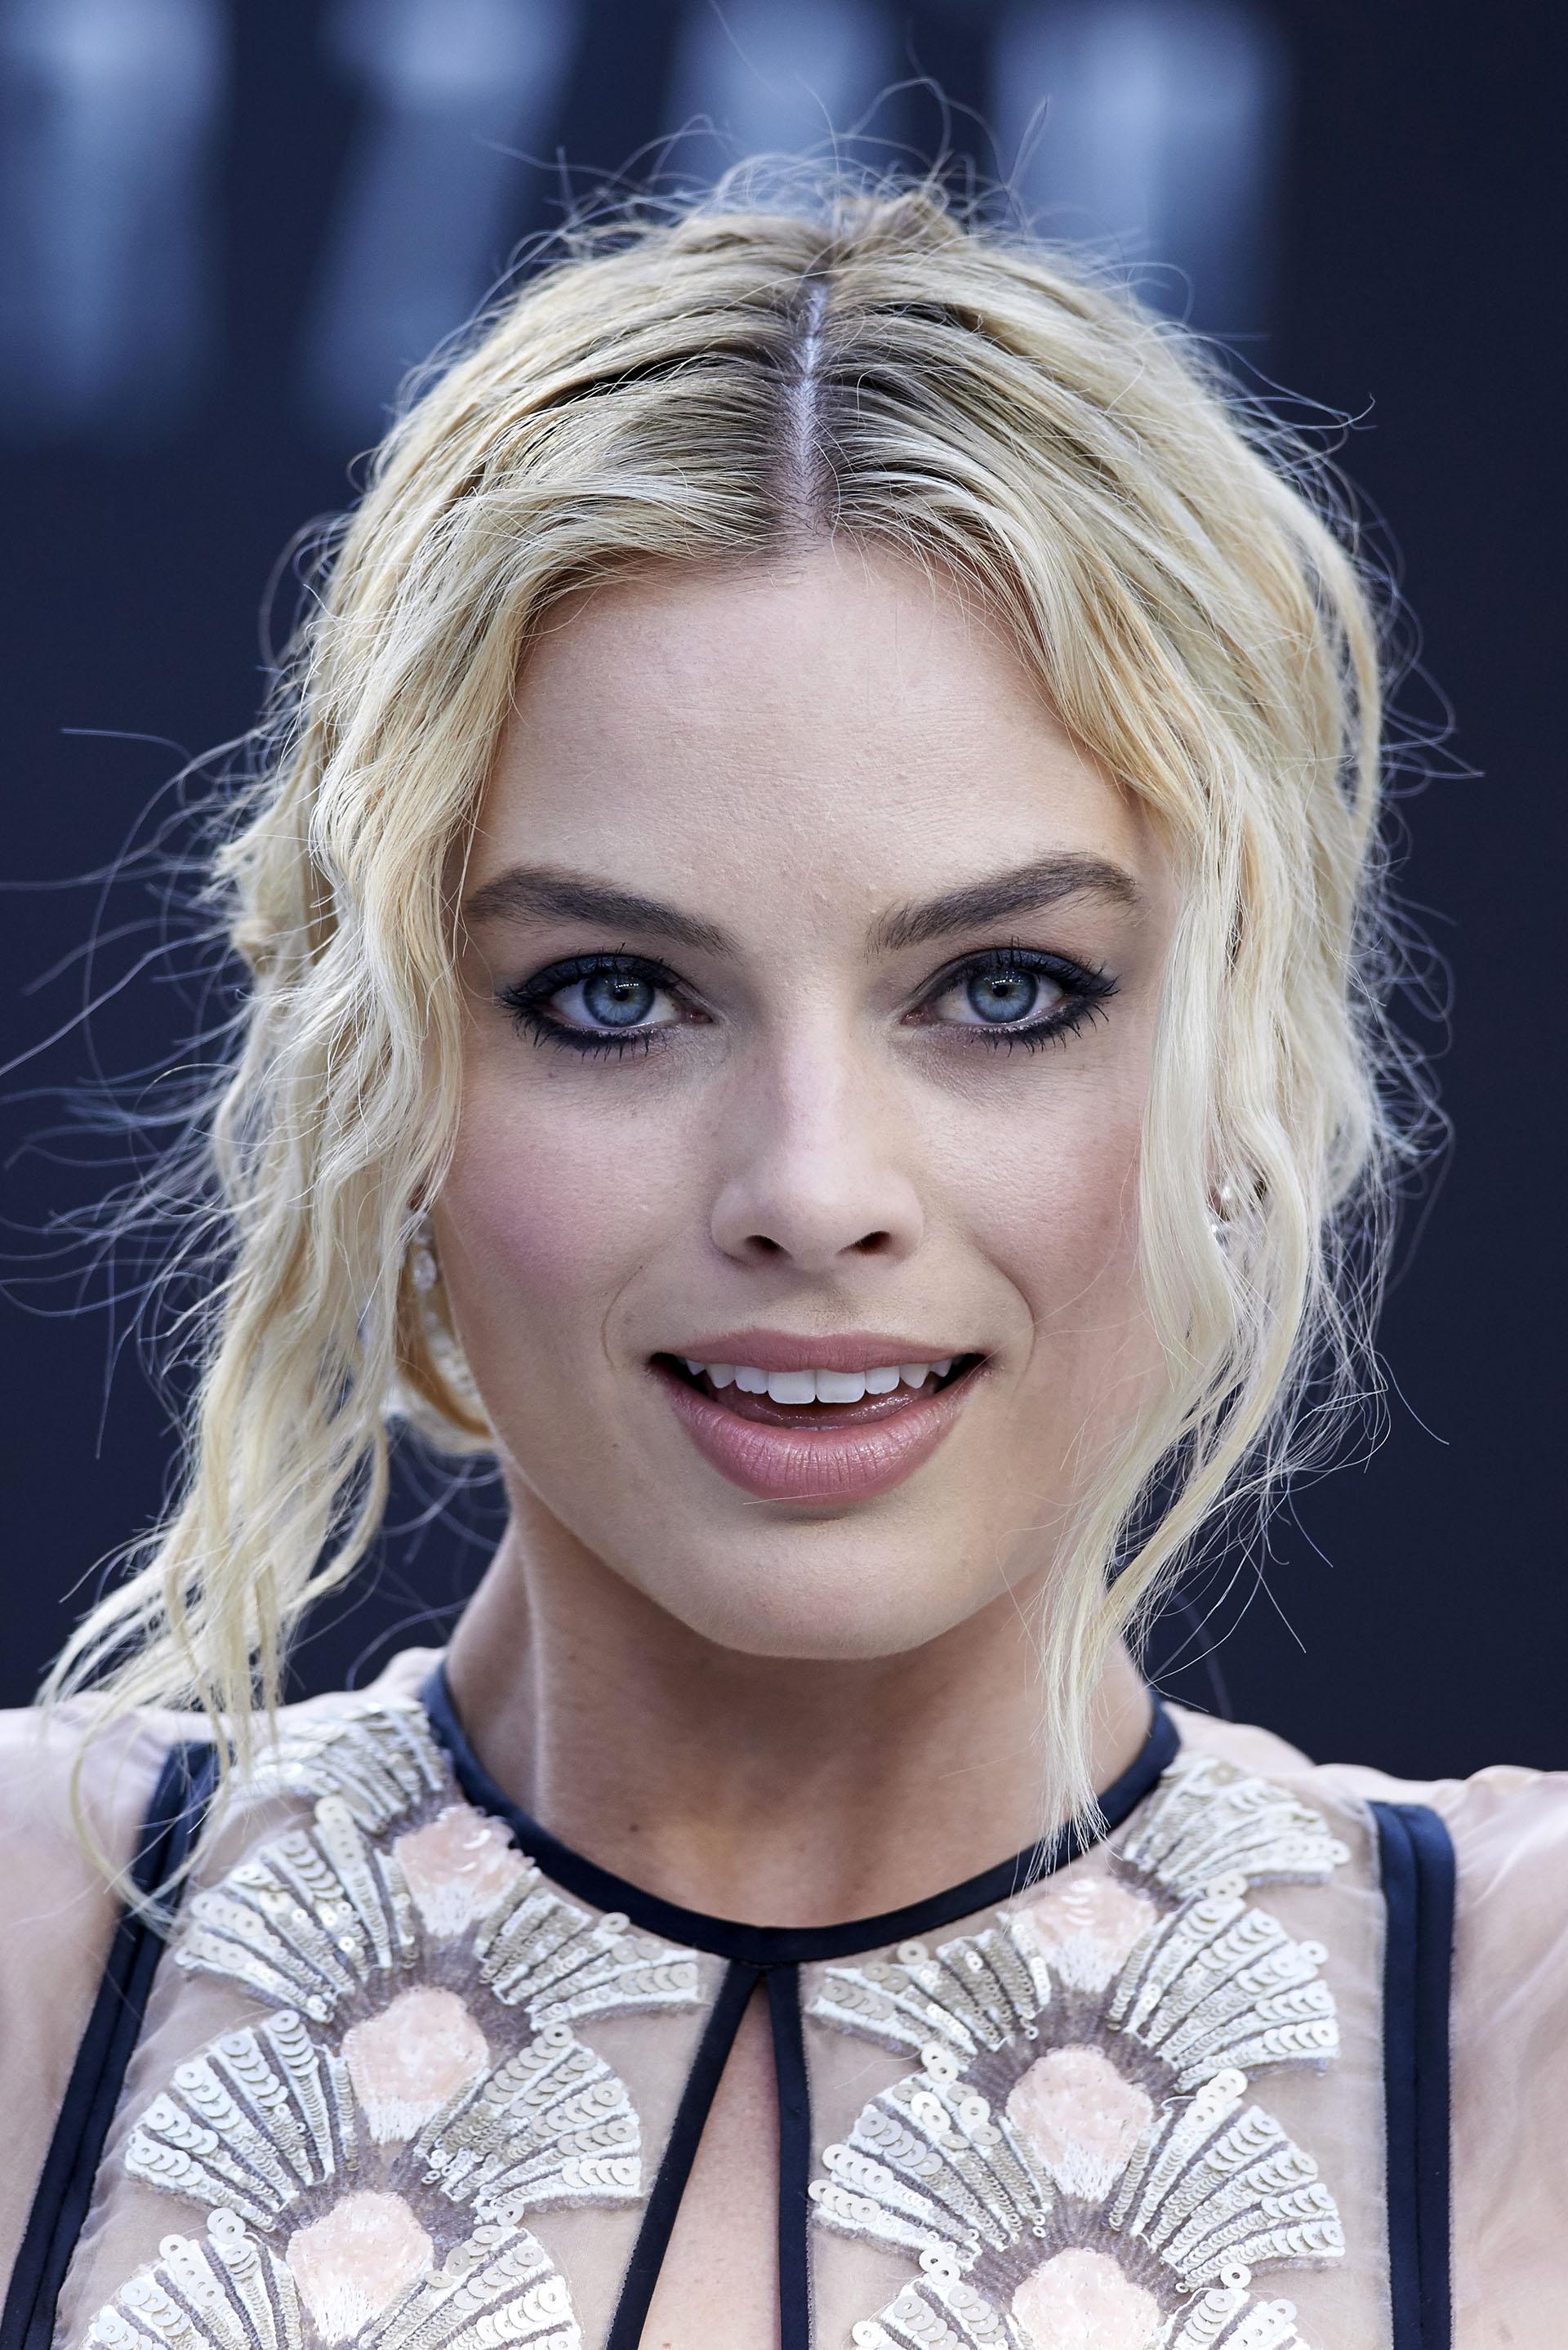 """Con apenas 26 años, Margot Robbie se convirtió en una celebridad después de haber interpretado a Donna Freedman en la serie australiana """"Neighbours"""" y a Naomi Lapaglia en la película """"El lobo de Wall Street"""""""